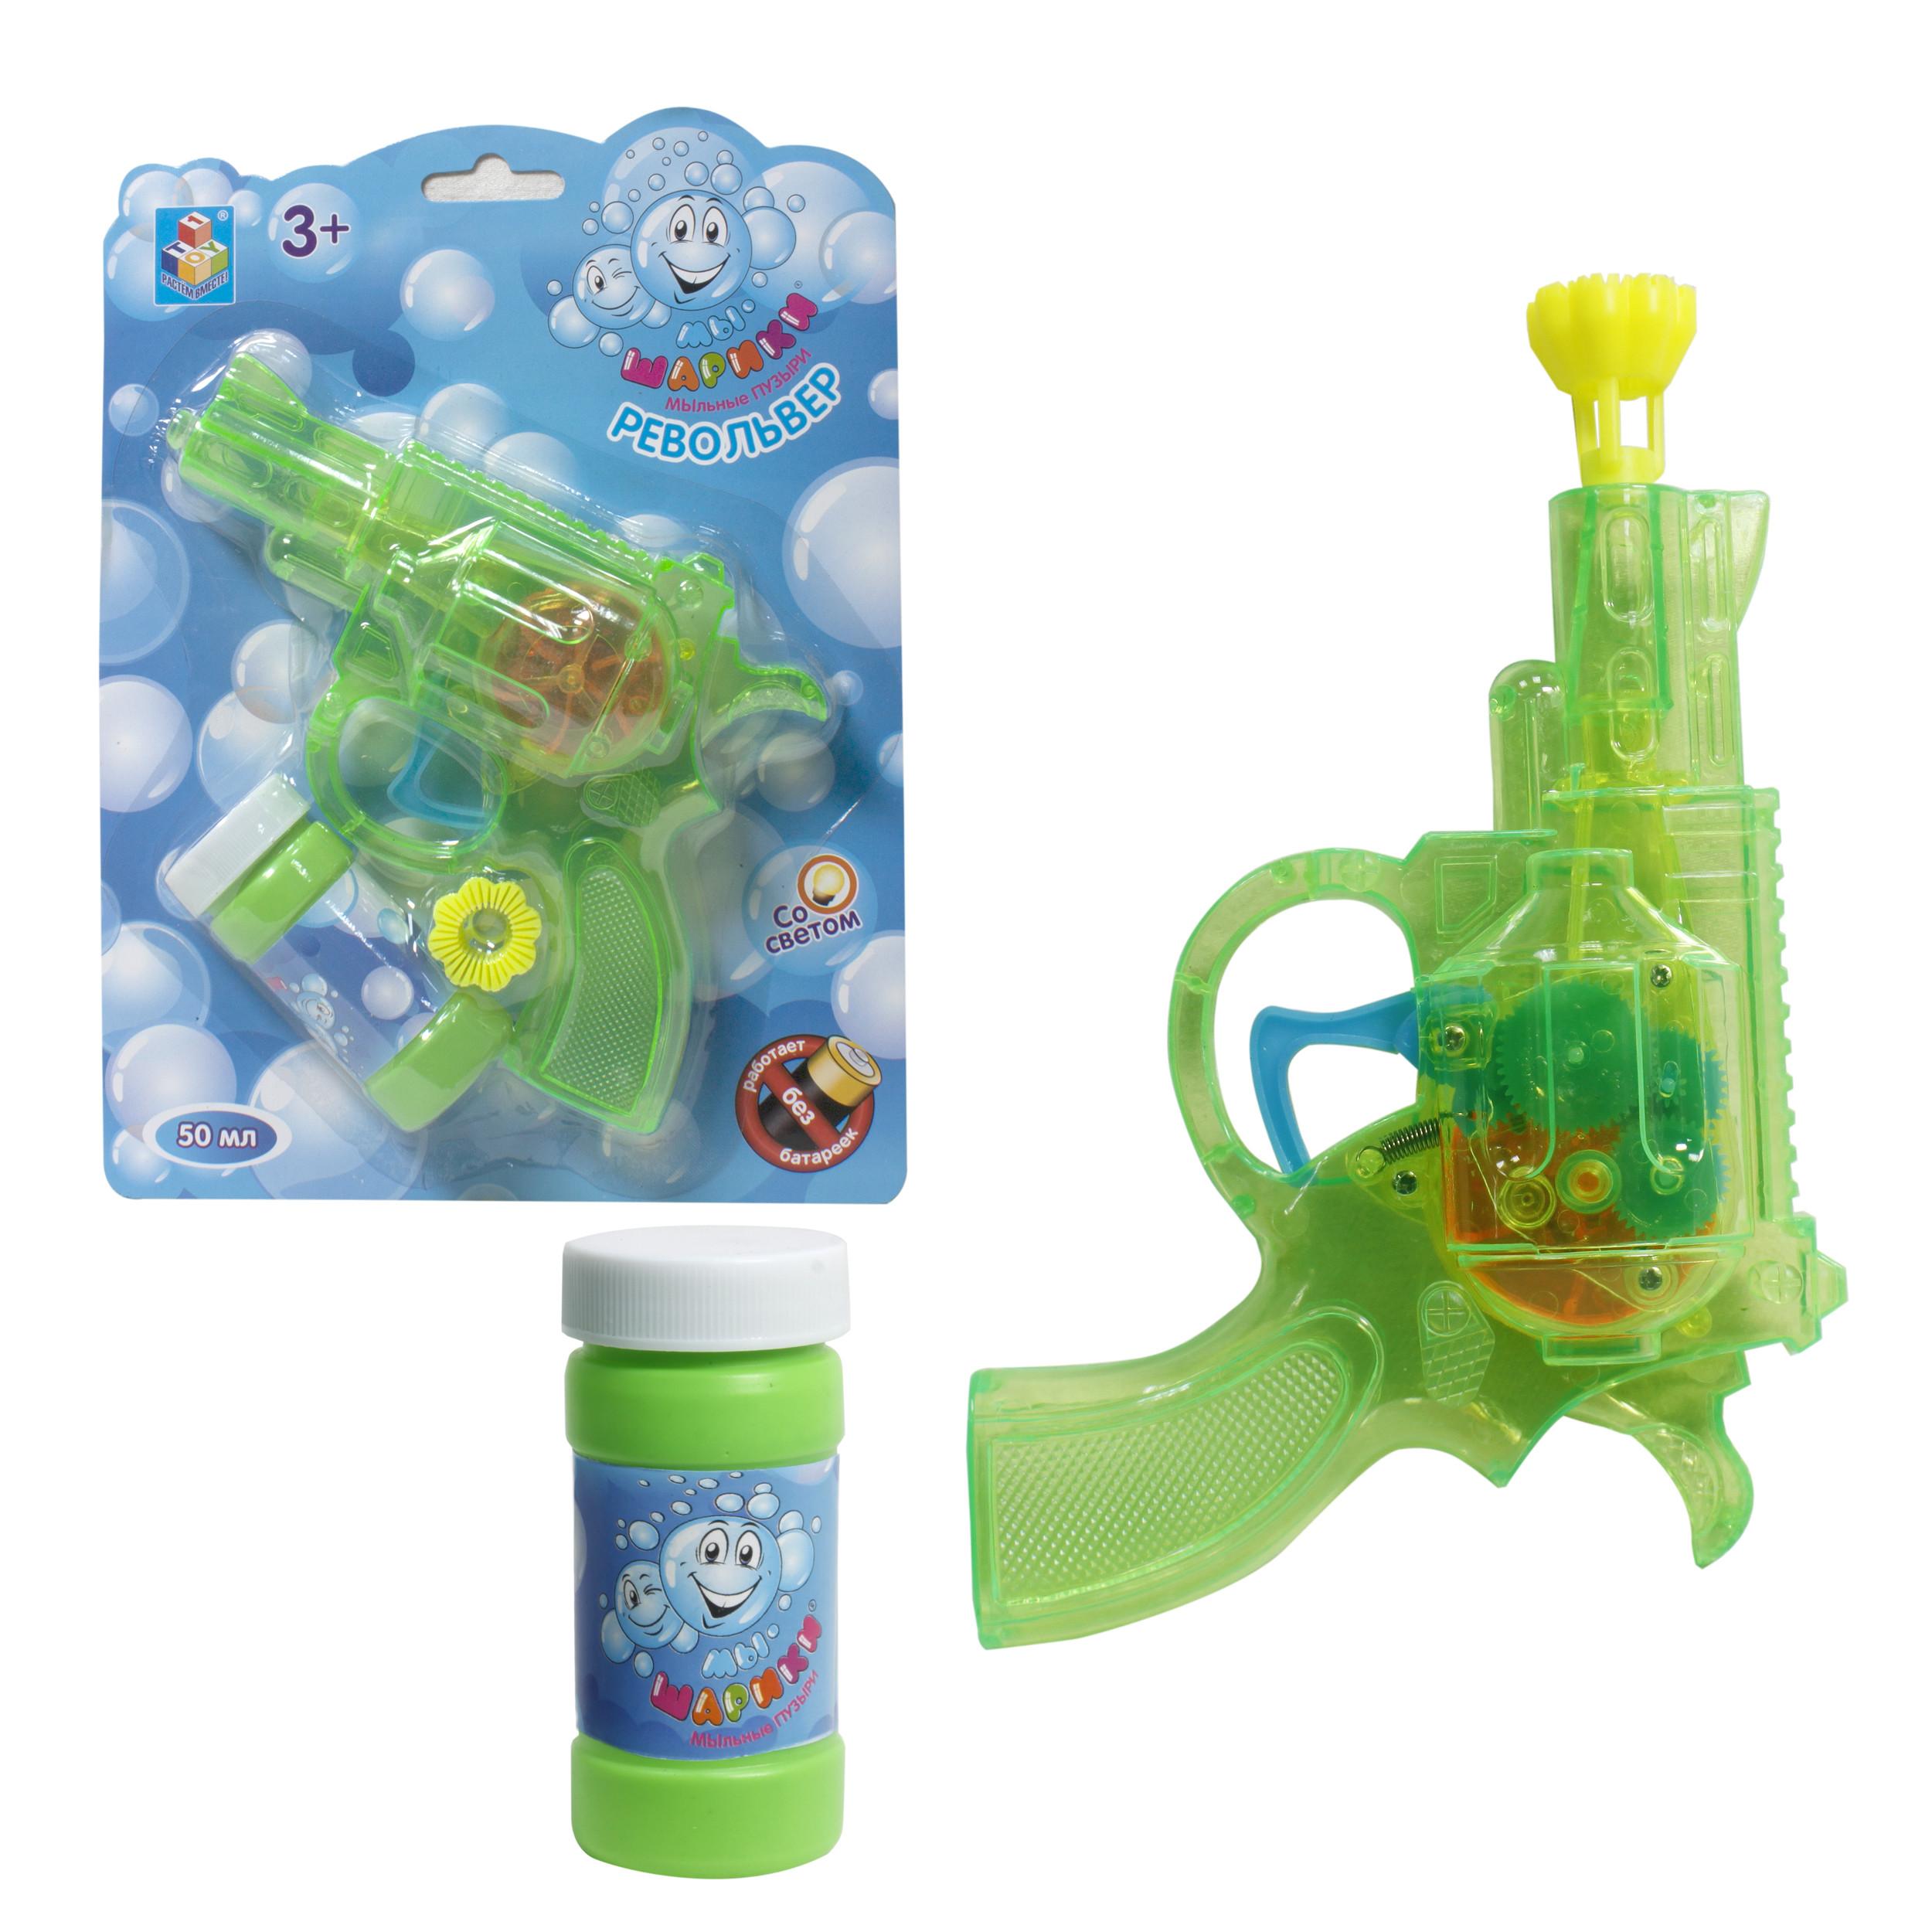 Мыльные пузыри 1toy Пистолет механический с мыльными пузырями 1TOY бутылочка 50 мл 1toy раскраска